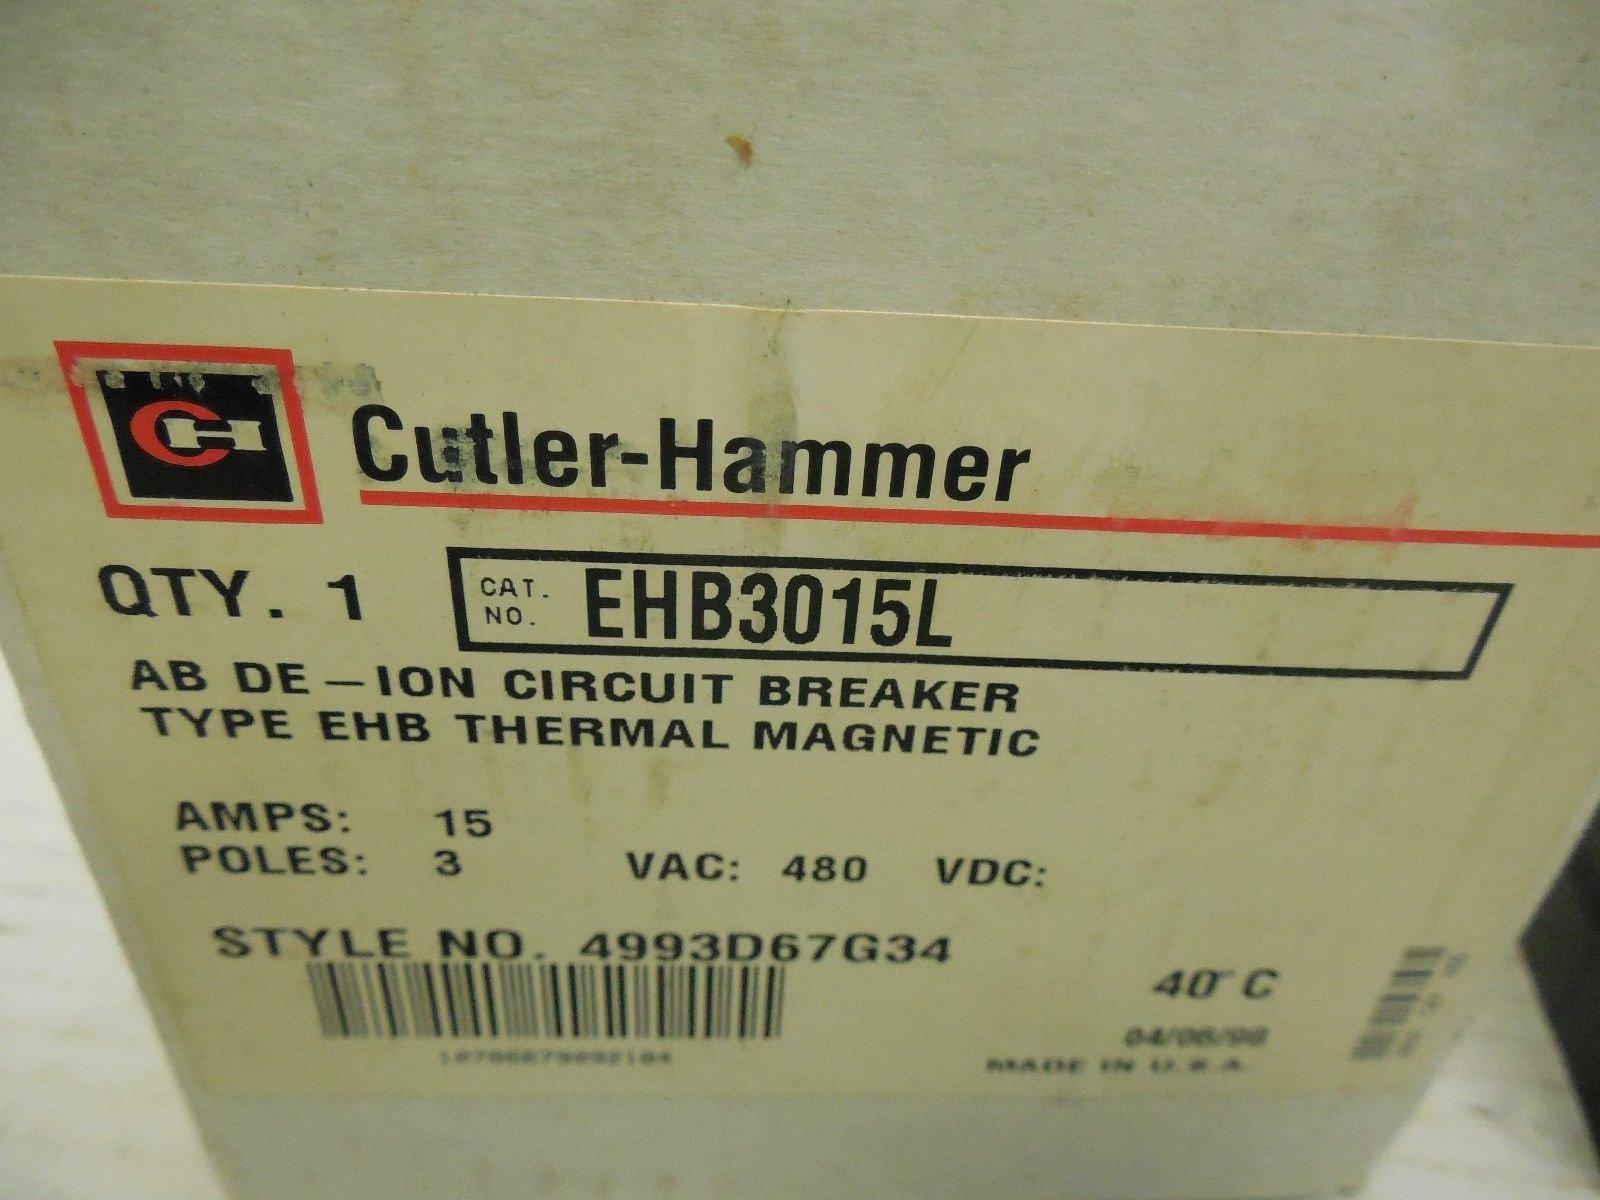 1- CUTLER HAMMER EATON EHB3015L 3-POLE 15-AMP 480V THERMAL MAGNETIC BREAKER EHB AB-DION